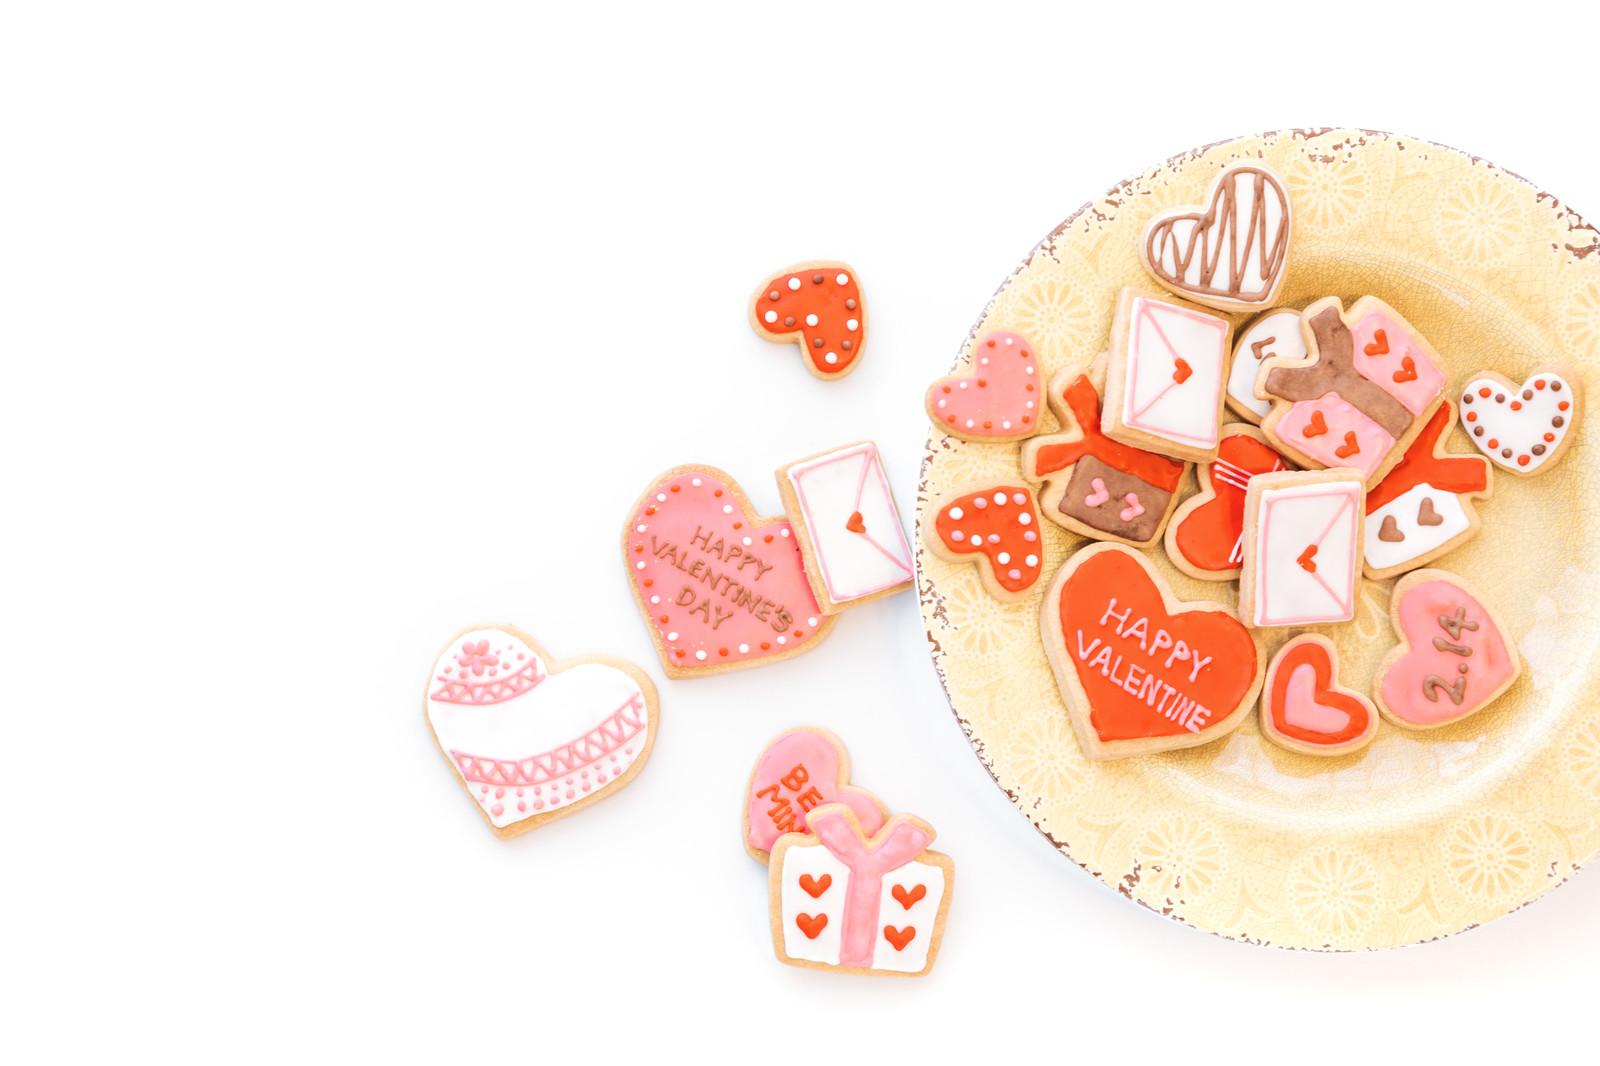 「ホワイトデー」お返しのお菓子には、意味があった!!シュークリームの意味は??